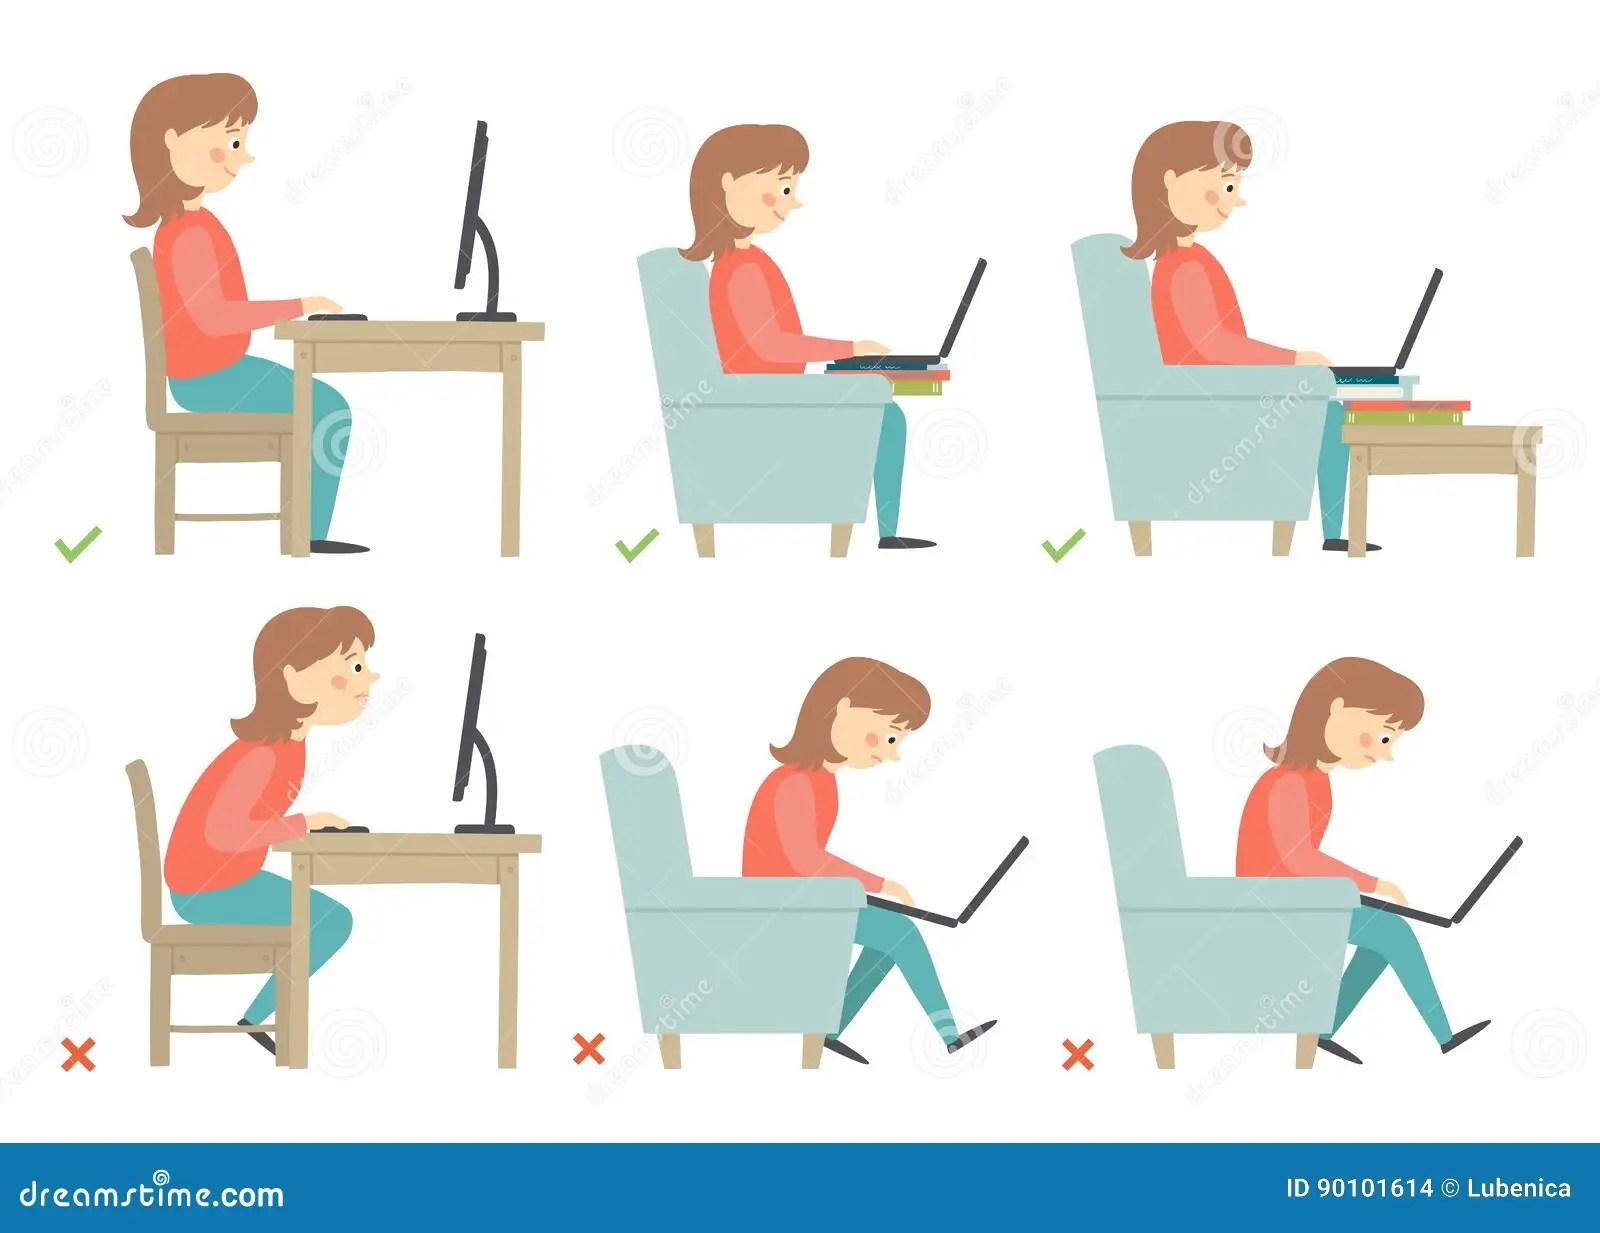 Postura Correcta E Incorrecta De Las Actividades En Rutina